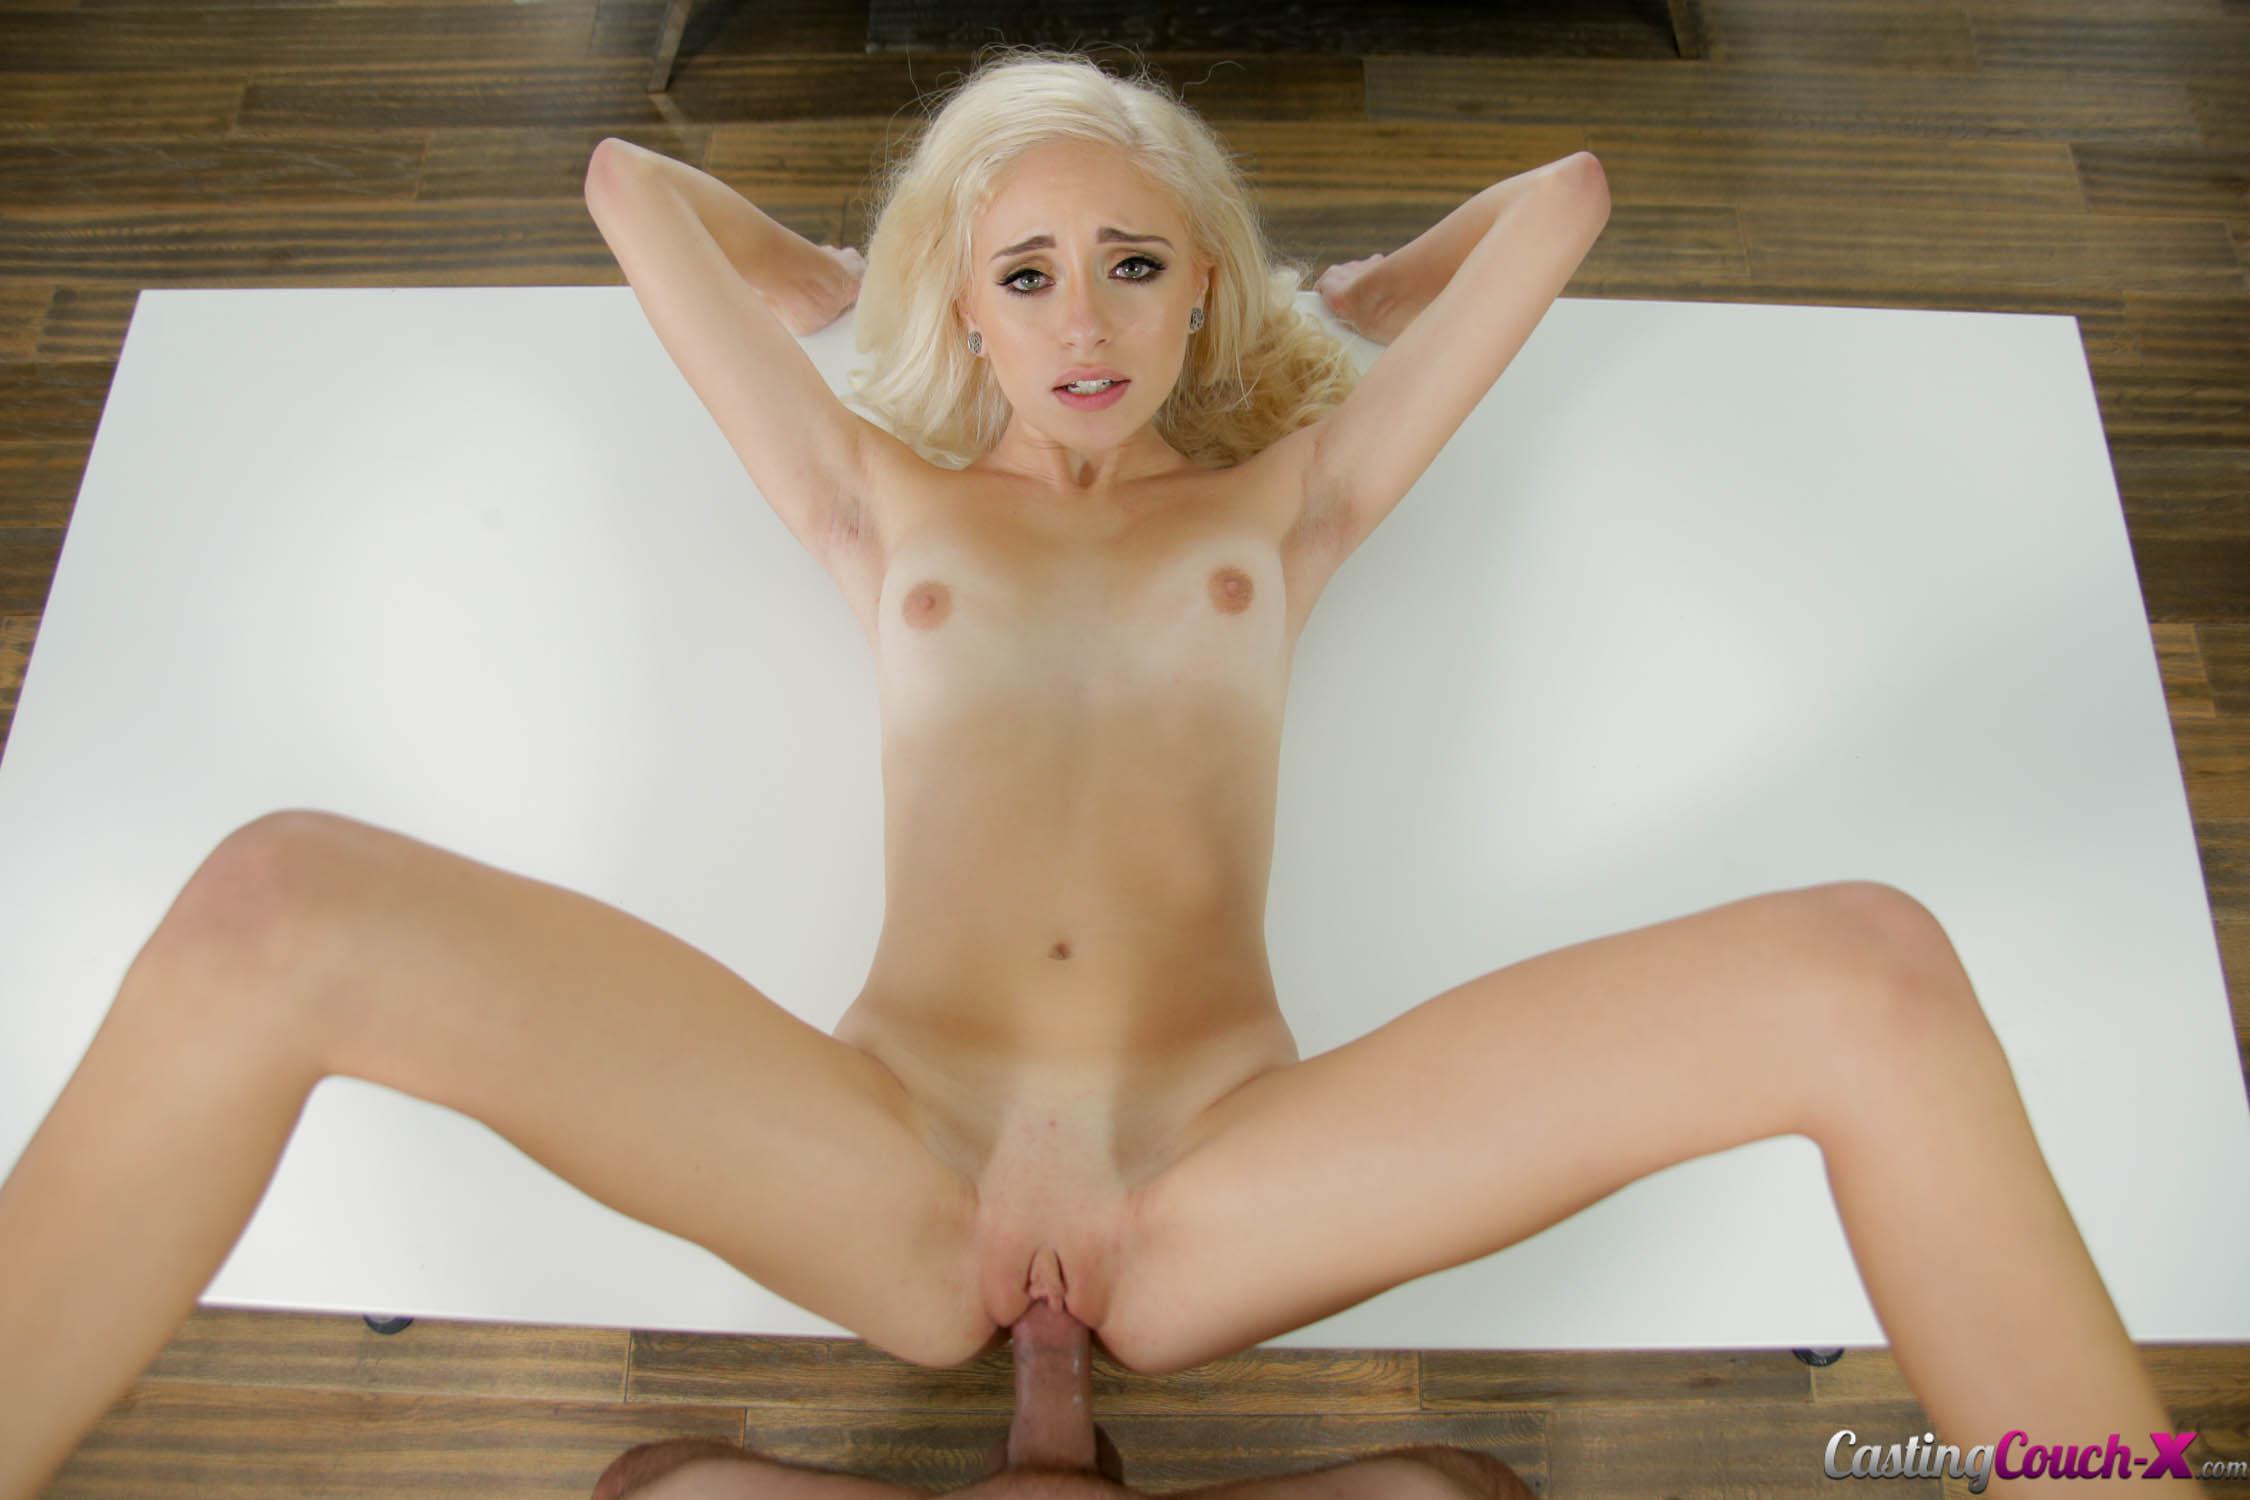 Geile scheisse.....yummmmmmmmyyyyyyy!!!!! naked girls pee in mouth slut. suddenly